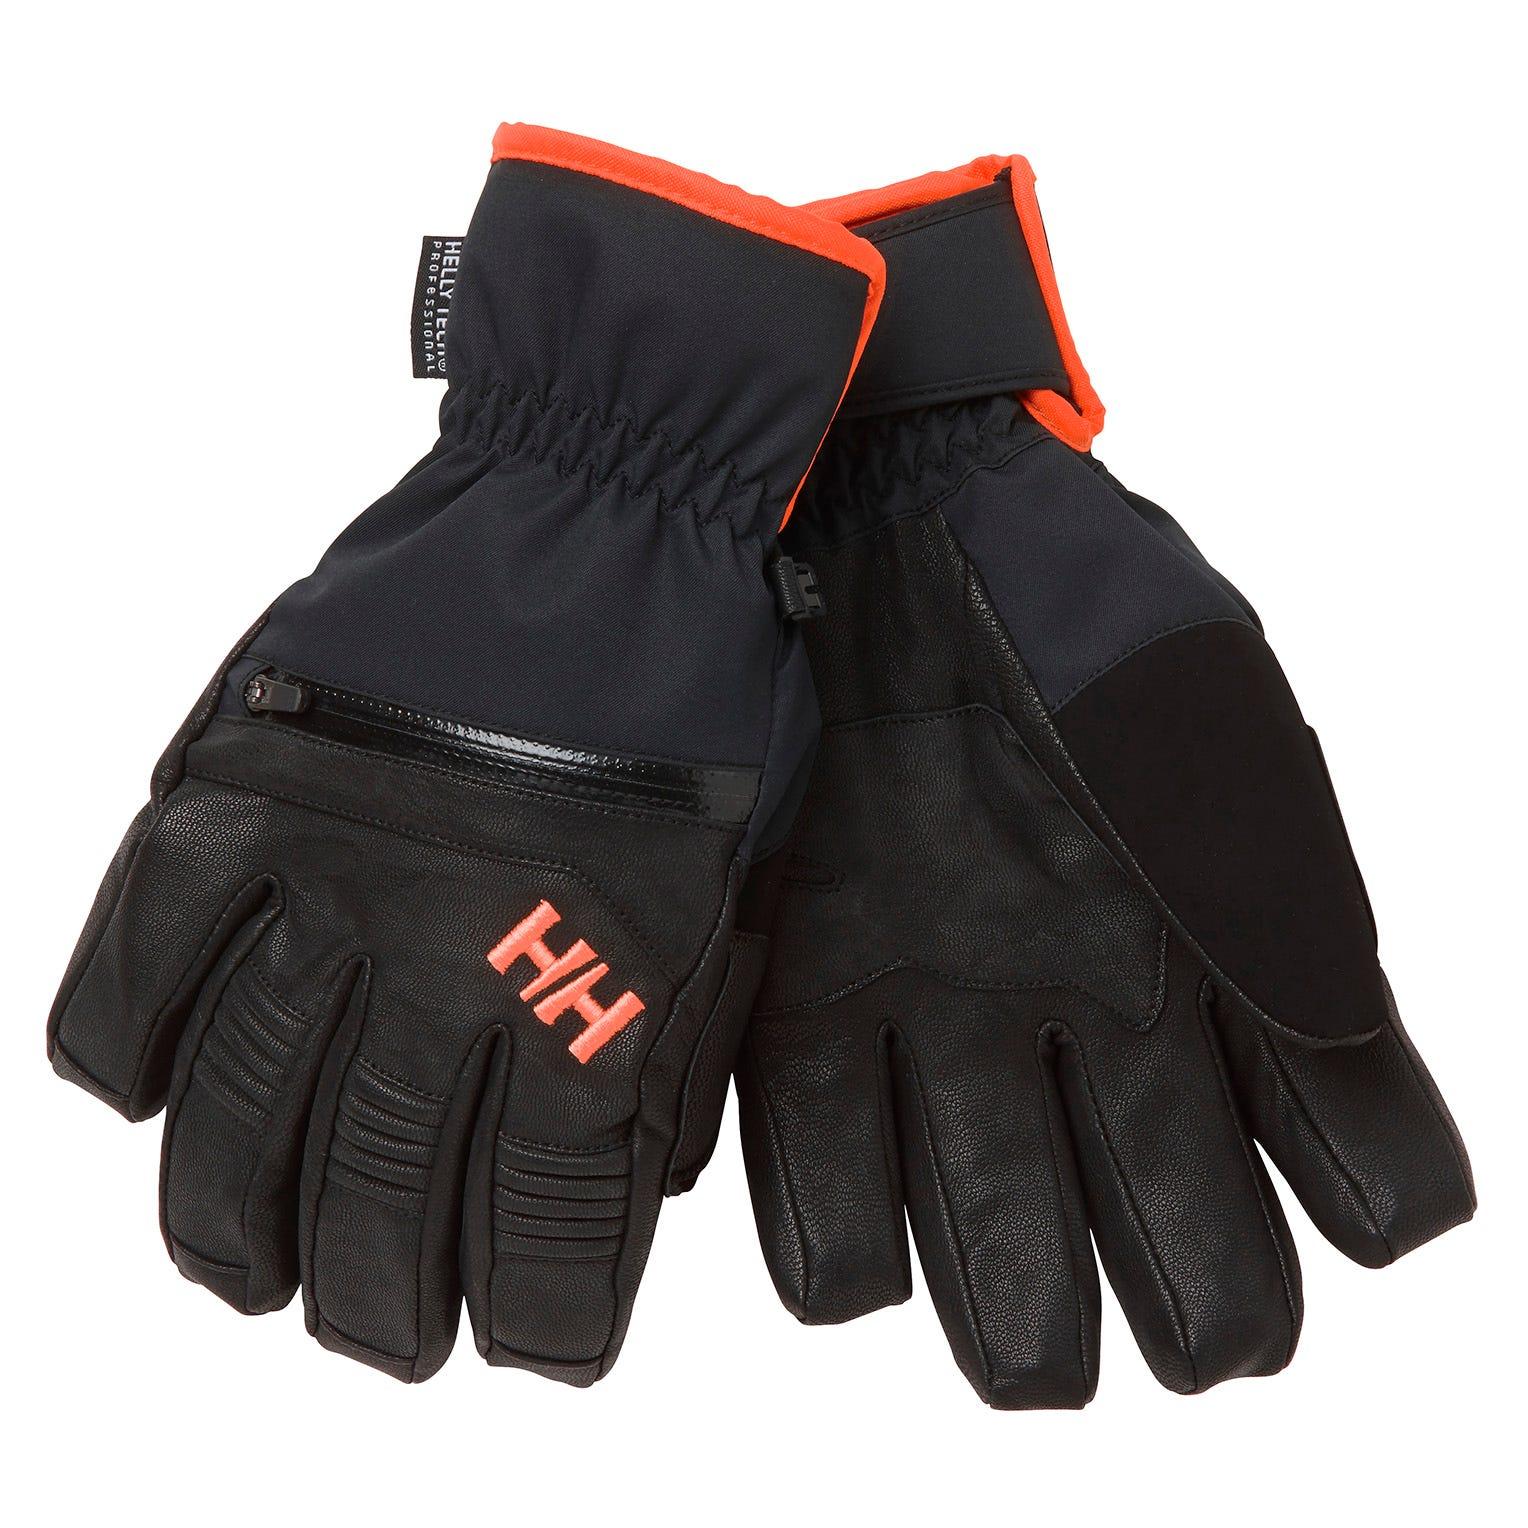 White X-Large $70 Helly Hansen 67335 Unisex Swift HT Mittens Glove